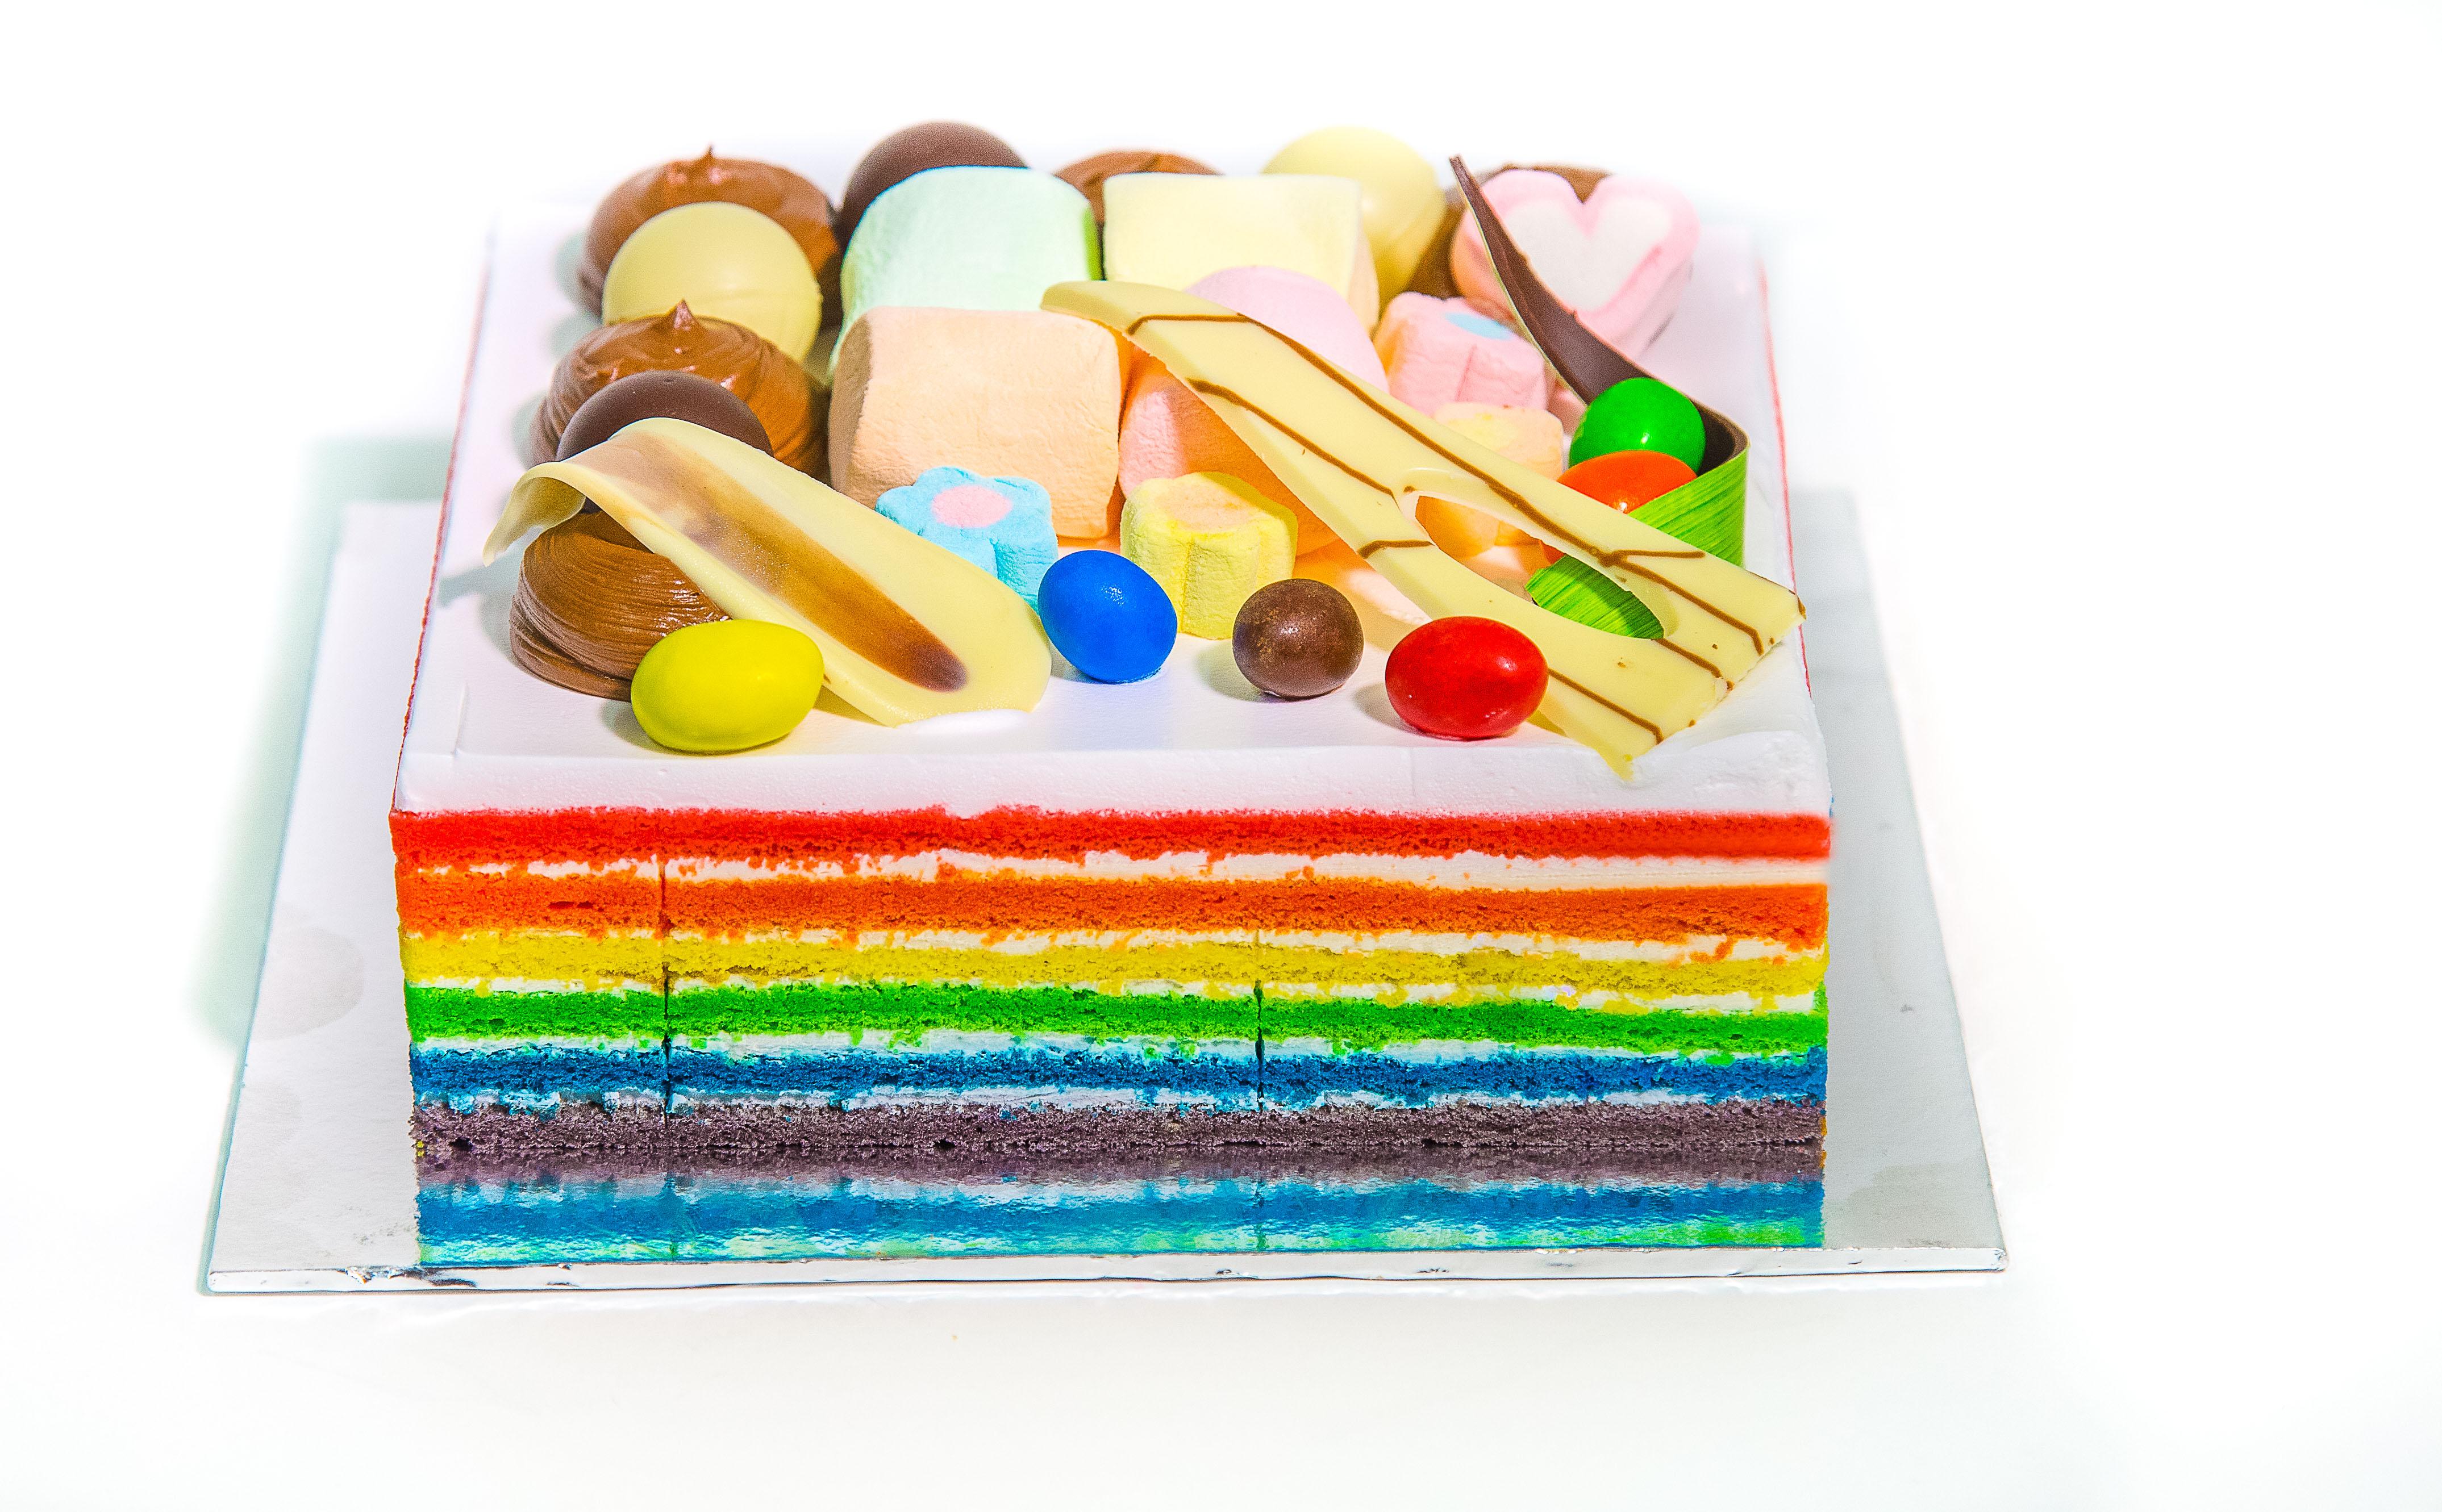 Rainbow Chocolate Cake Singapore